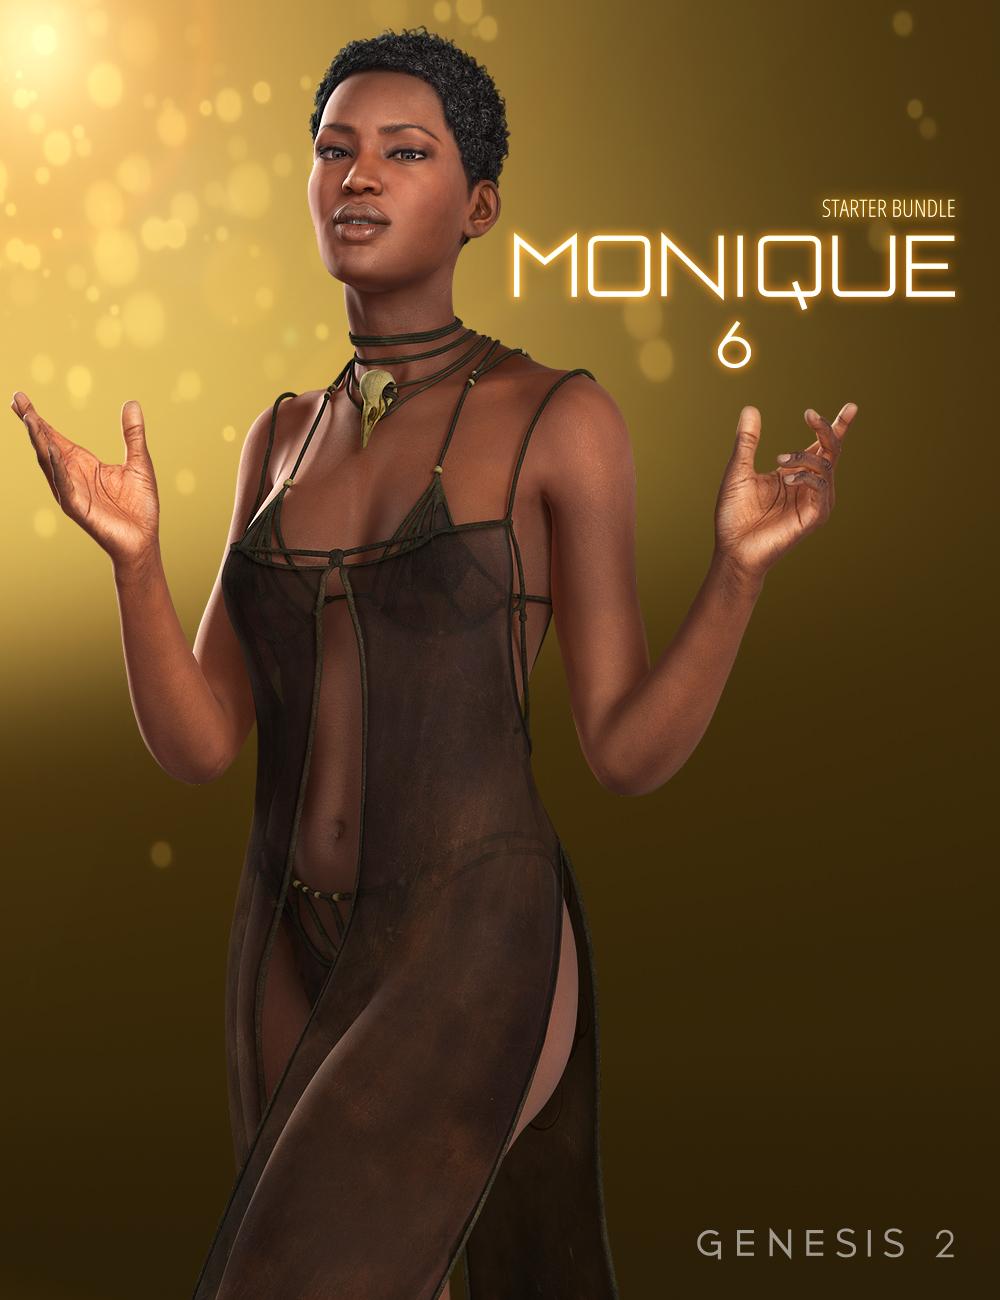 Monique 6 Starter Bundle by: , 3D Models by Daz 3D